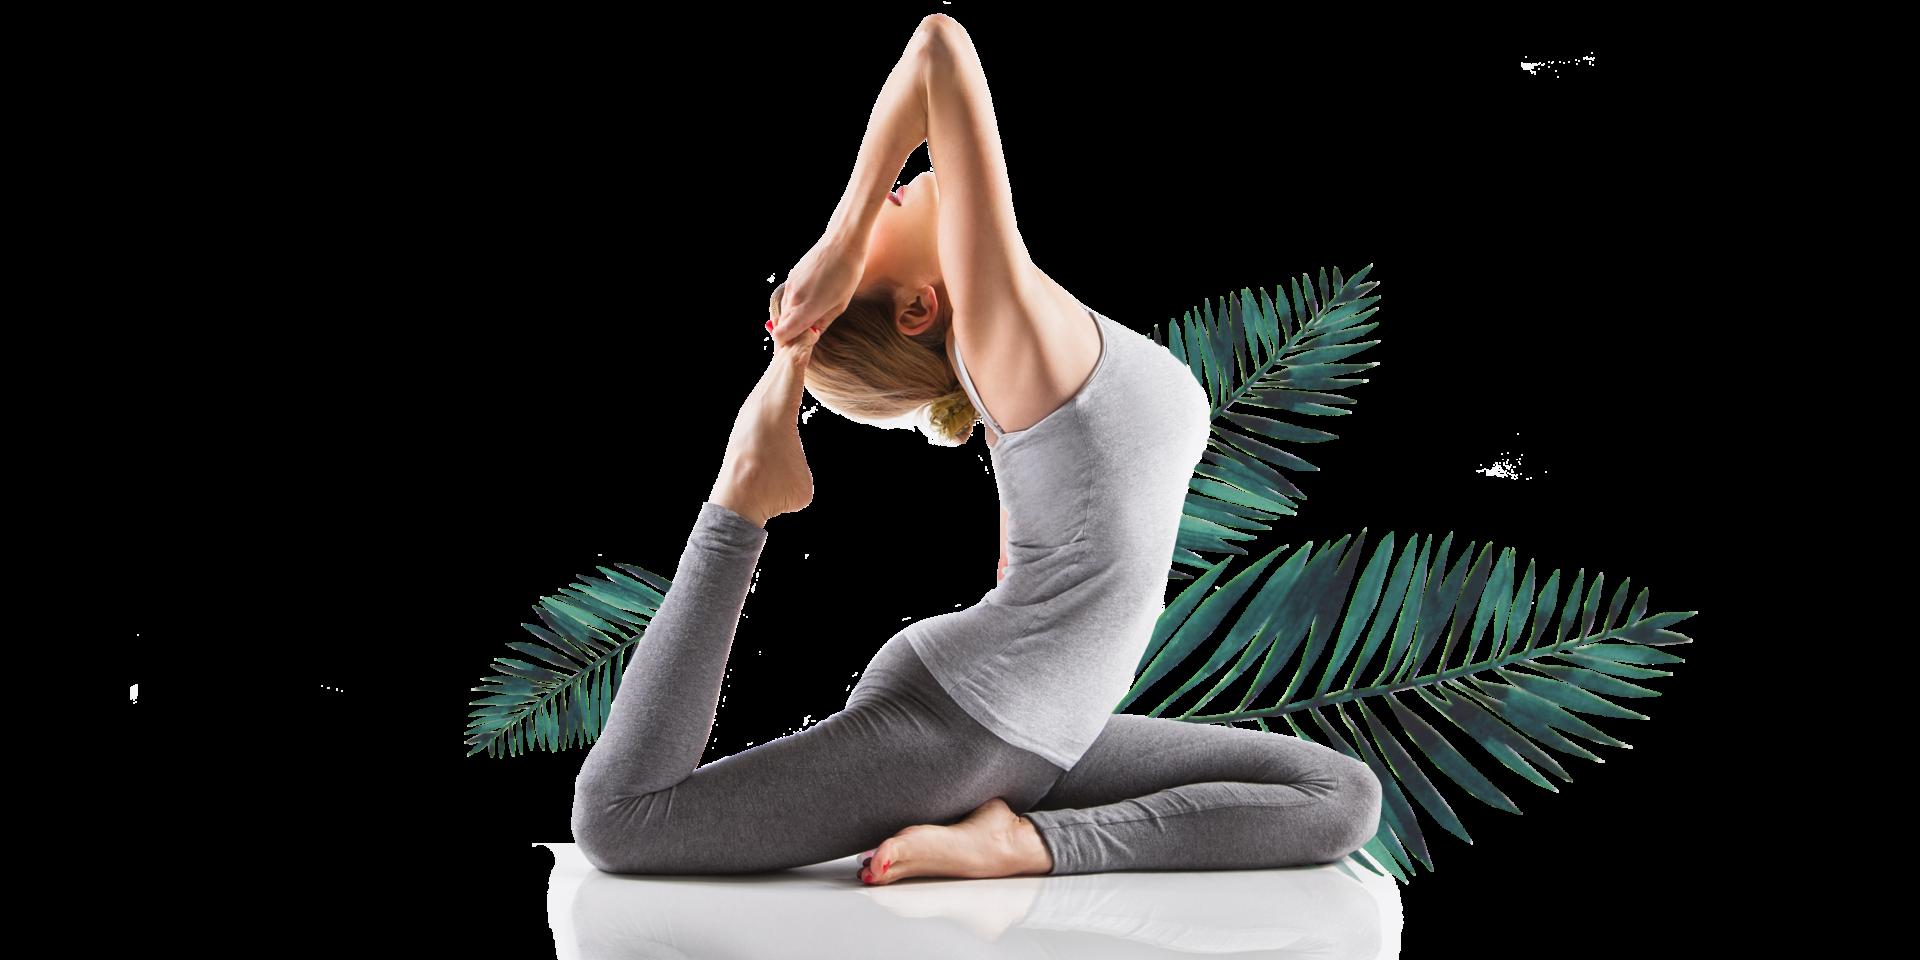 Sagesse & Harmonie - Pigeon Pose - Hatha Yoga - Vinyasa - Ashtanga